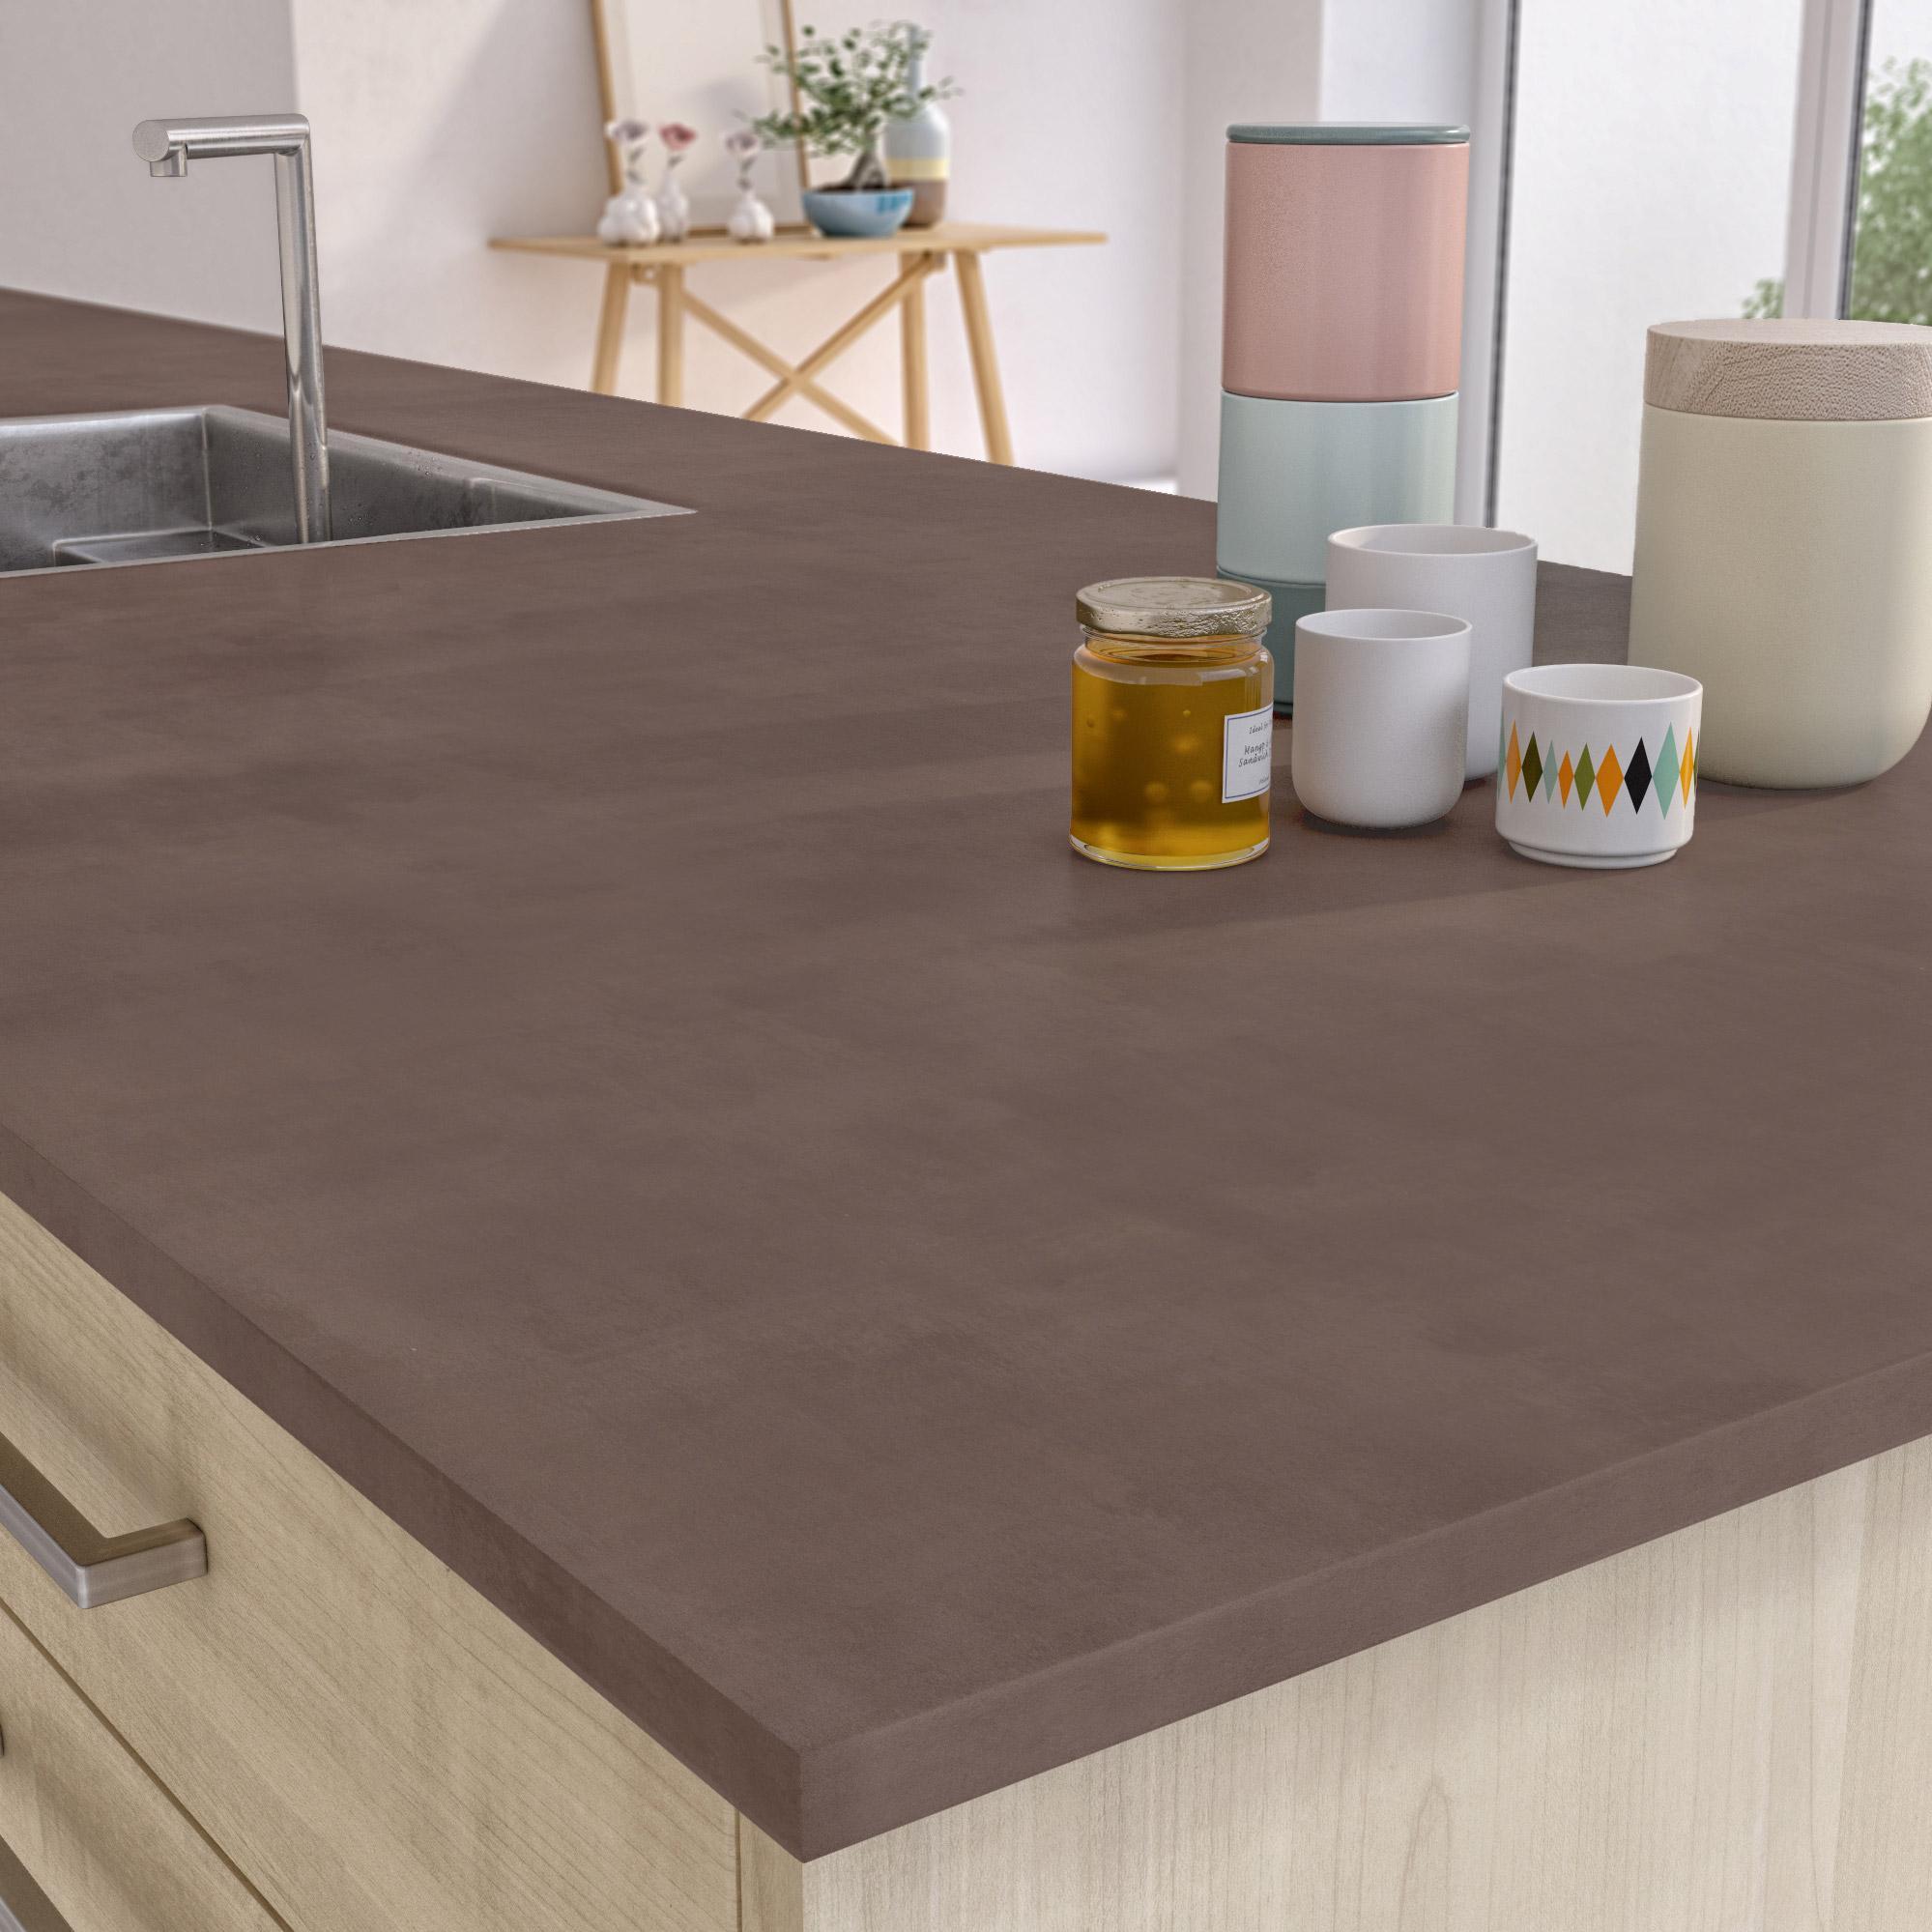 Béton Ciré Plan De Travail Cuisine chant de plan de travail stratifié beton cire marron mat l.500, ep.6 mm